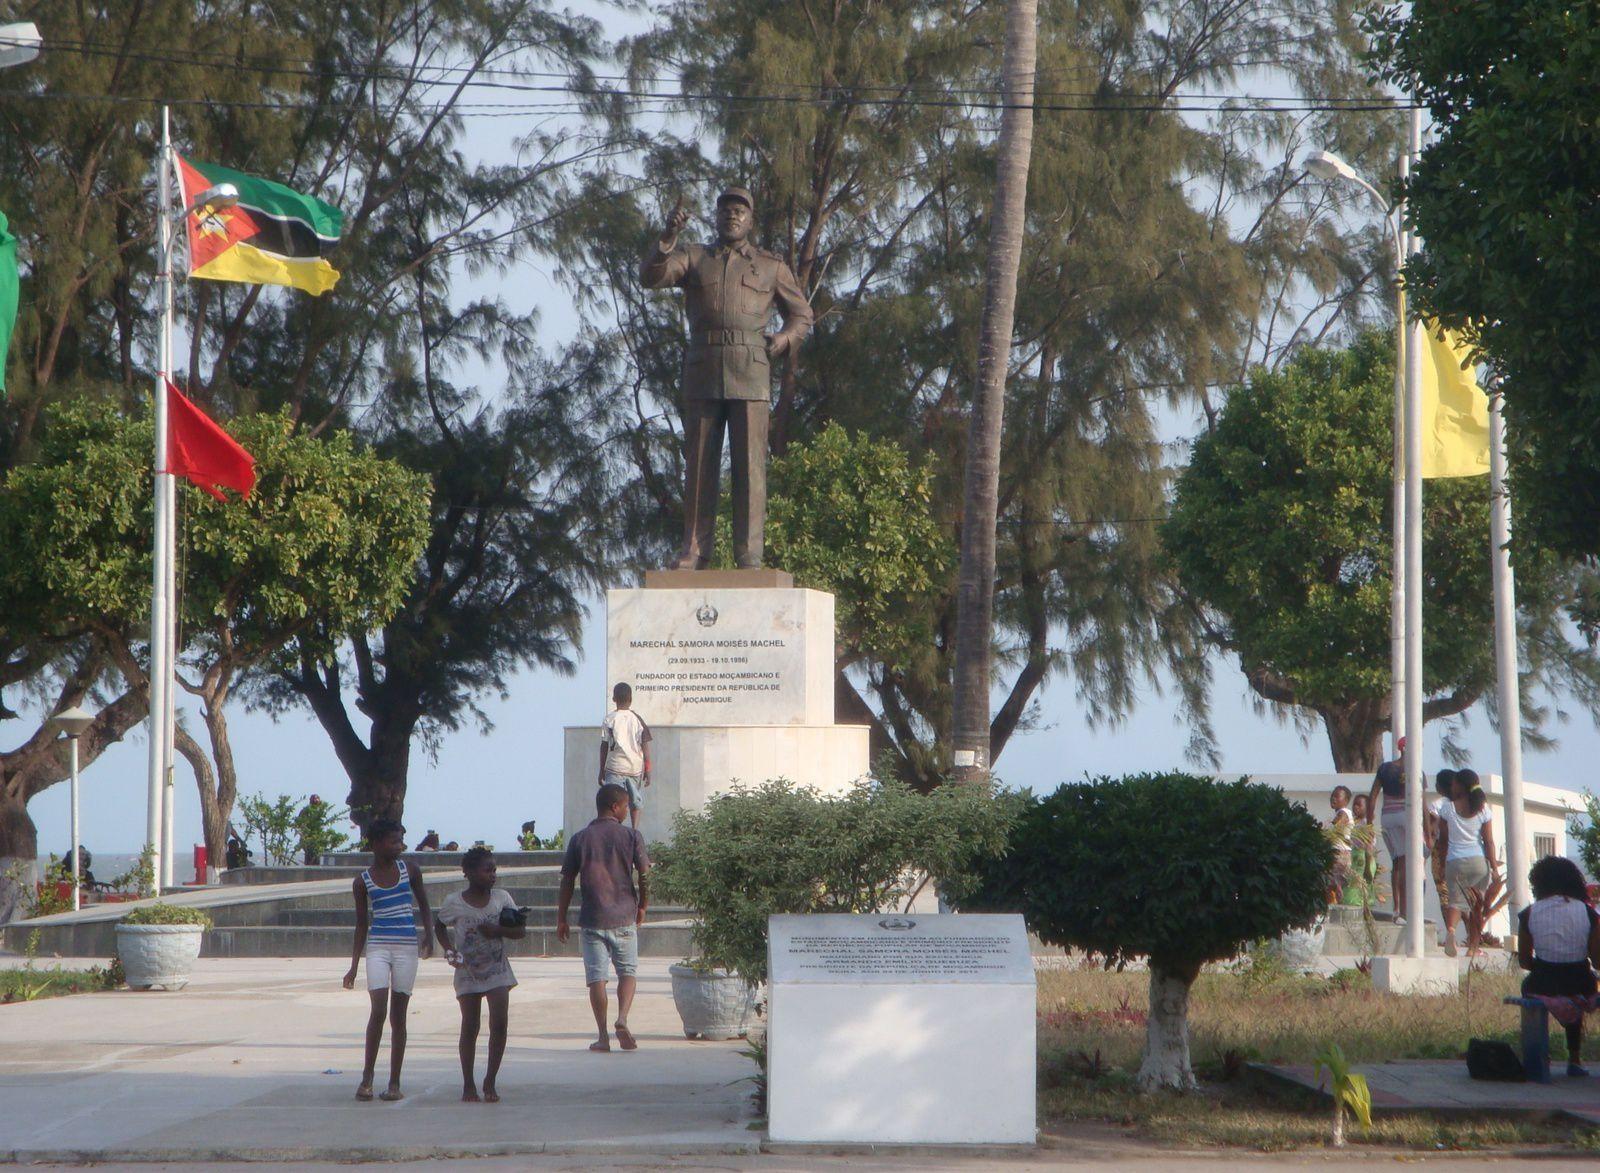 À Beira, province de Sofala. Statue de Samora Machel, premier président du Mozambique indépendant (1975-1986). La référence à celui qui est considéré comme le « père de la nation » demeure prégnante dans la propagande du pouvoir.